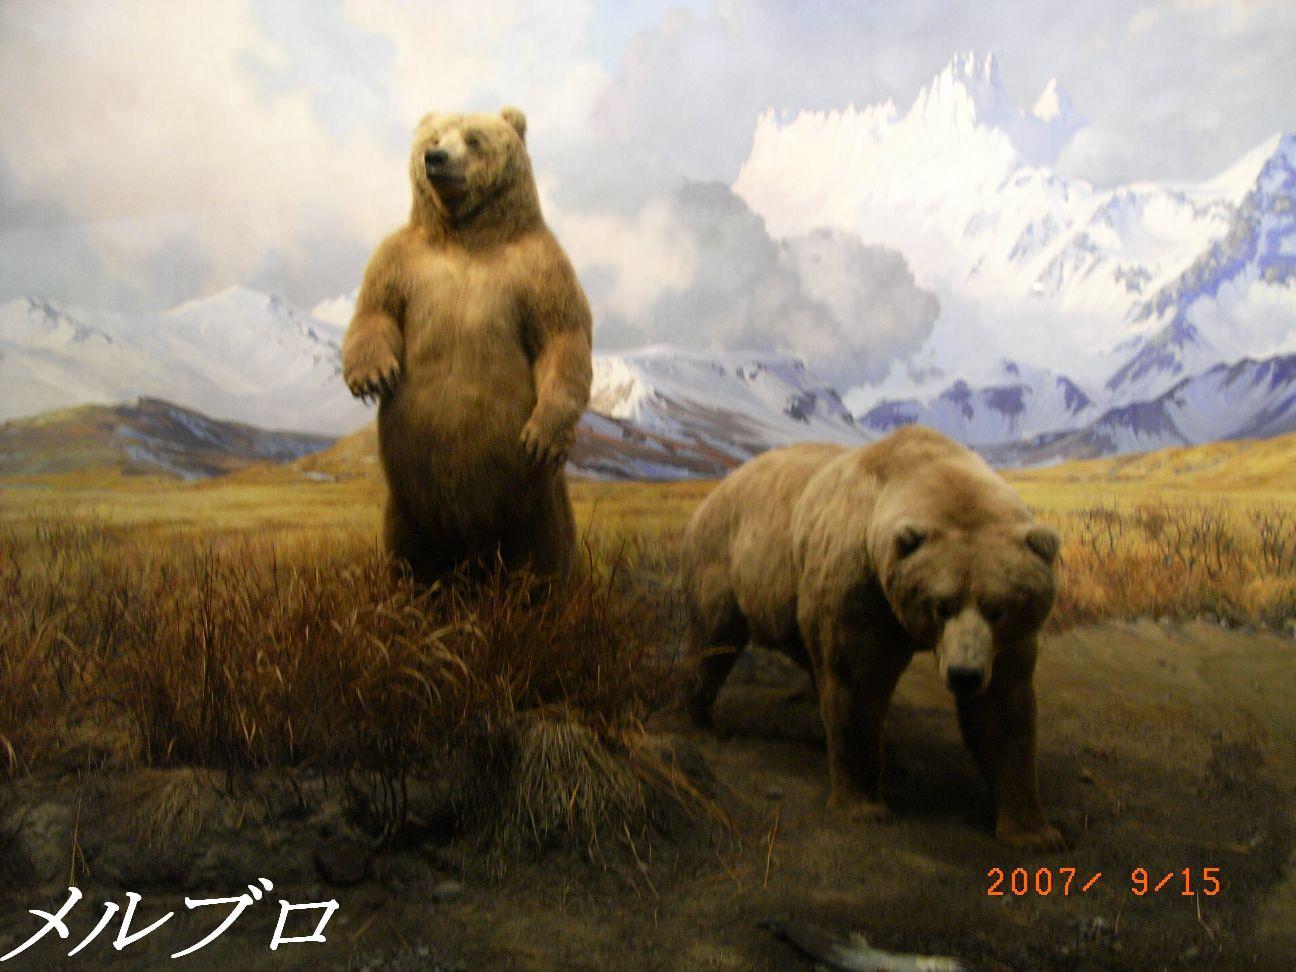 北米哺乳類 の熊ー